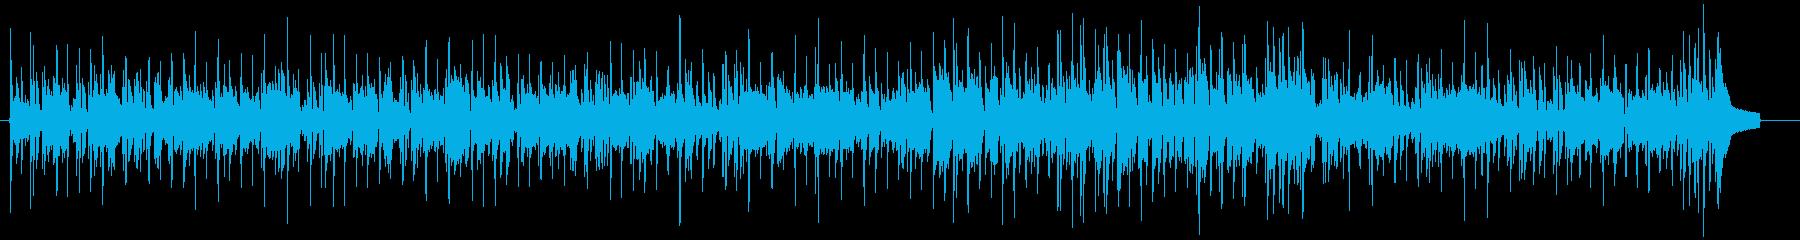 切ないR&BピアノBGMの再生済みの波形